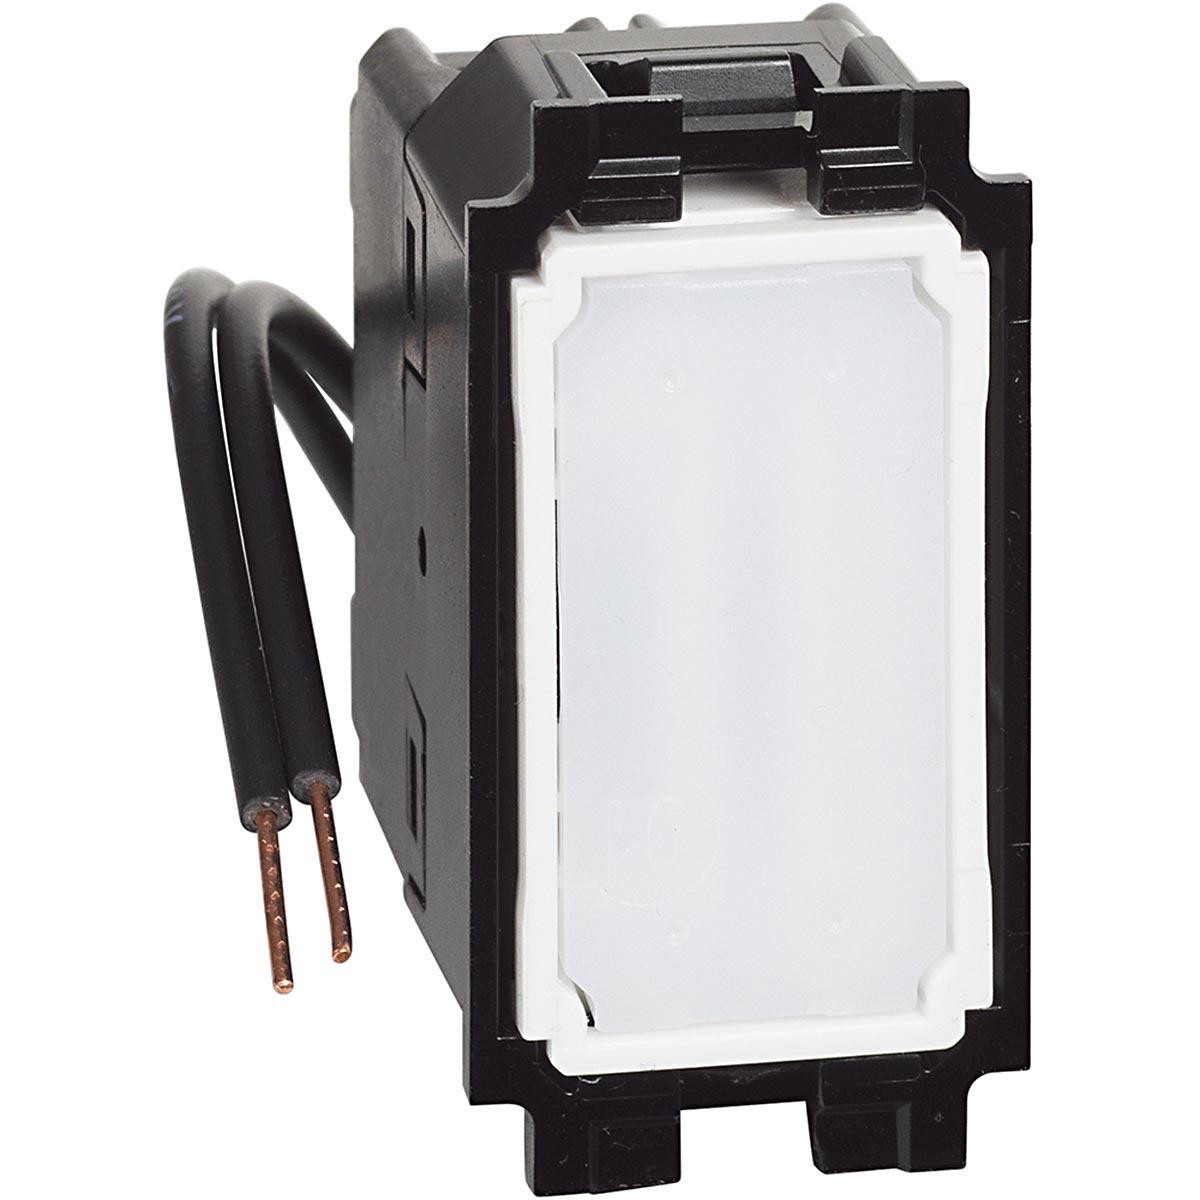 Invertitore K4004L illuminato Bticino Living Now 10AX